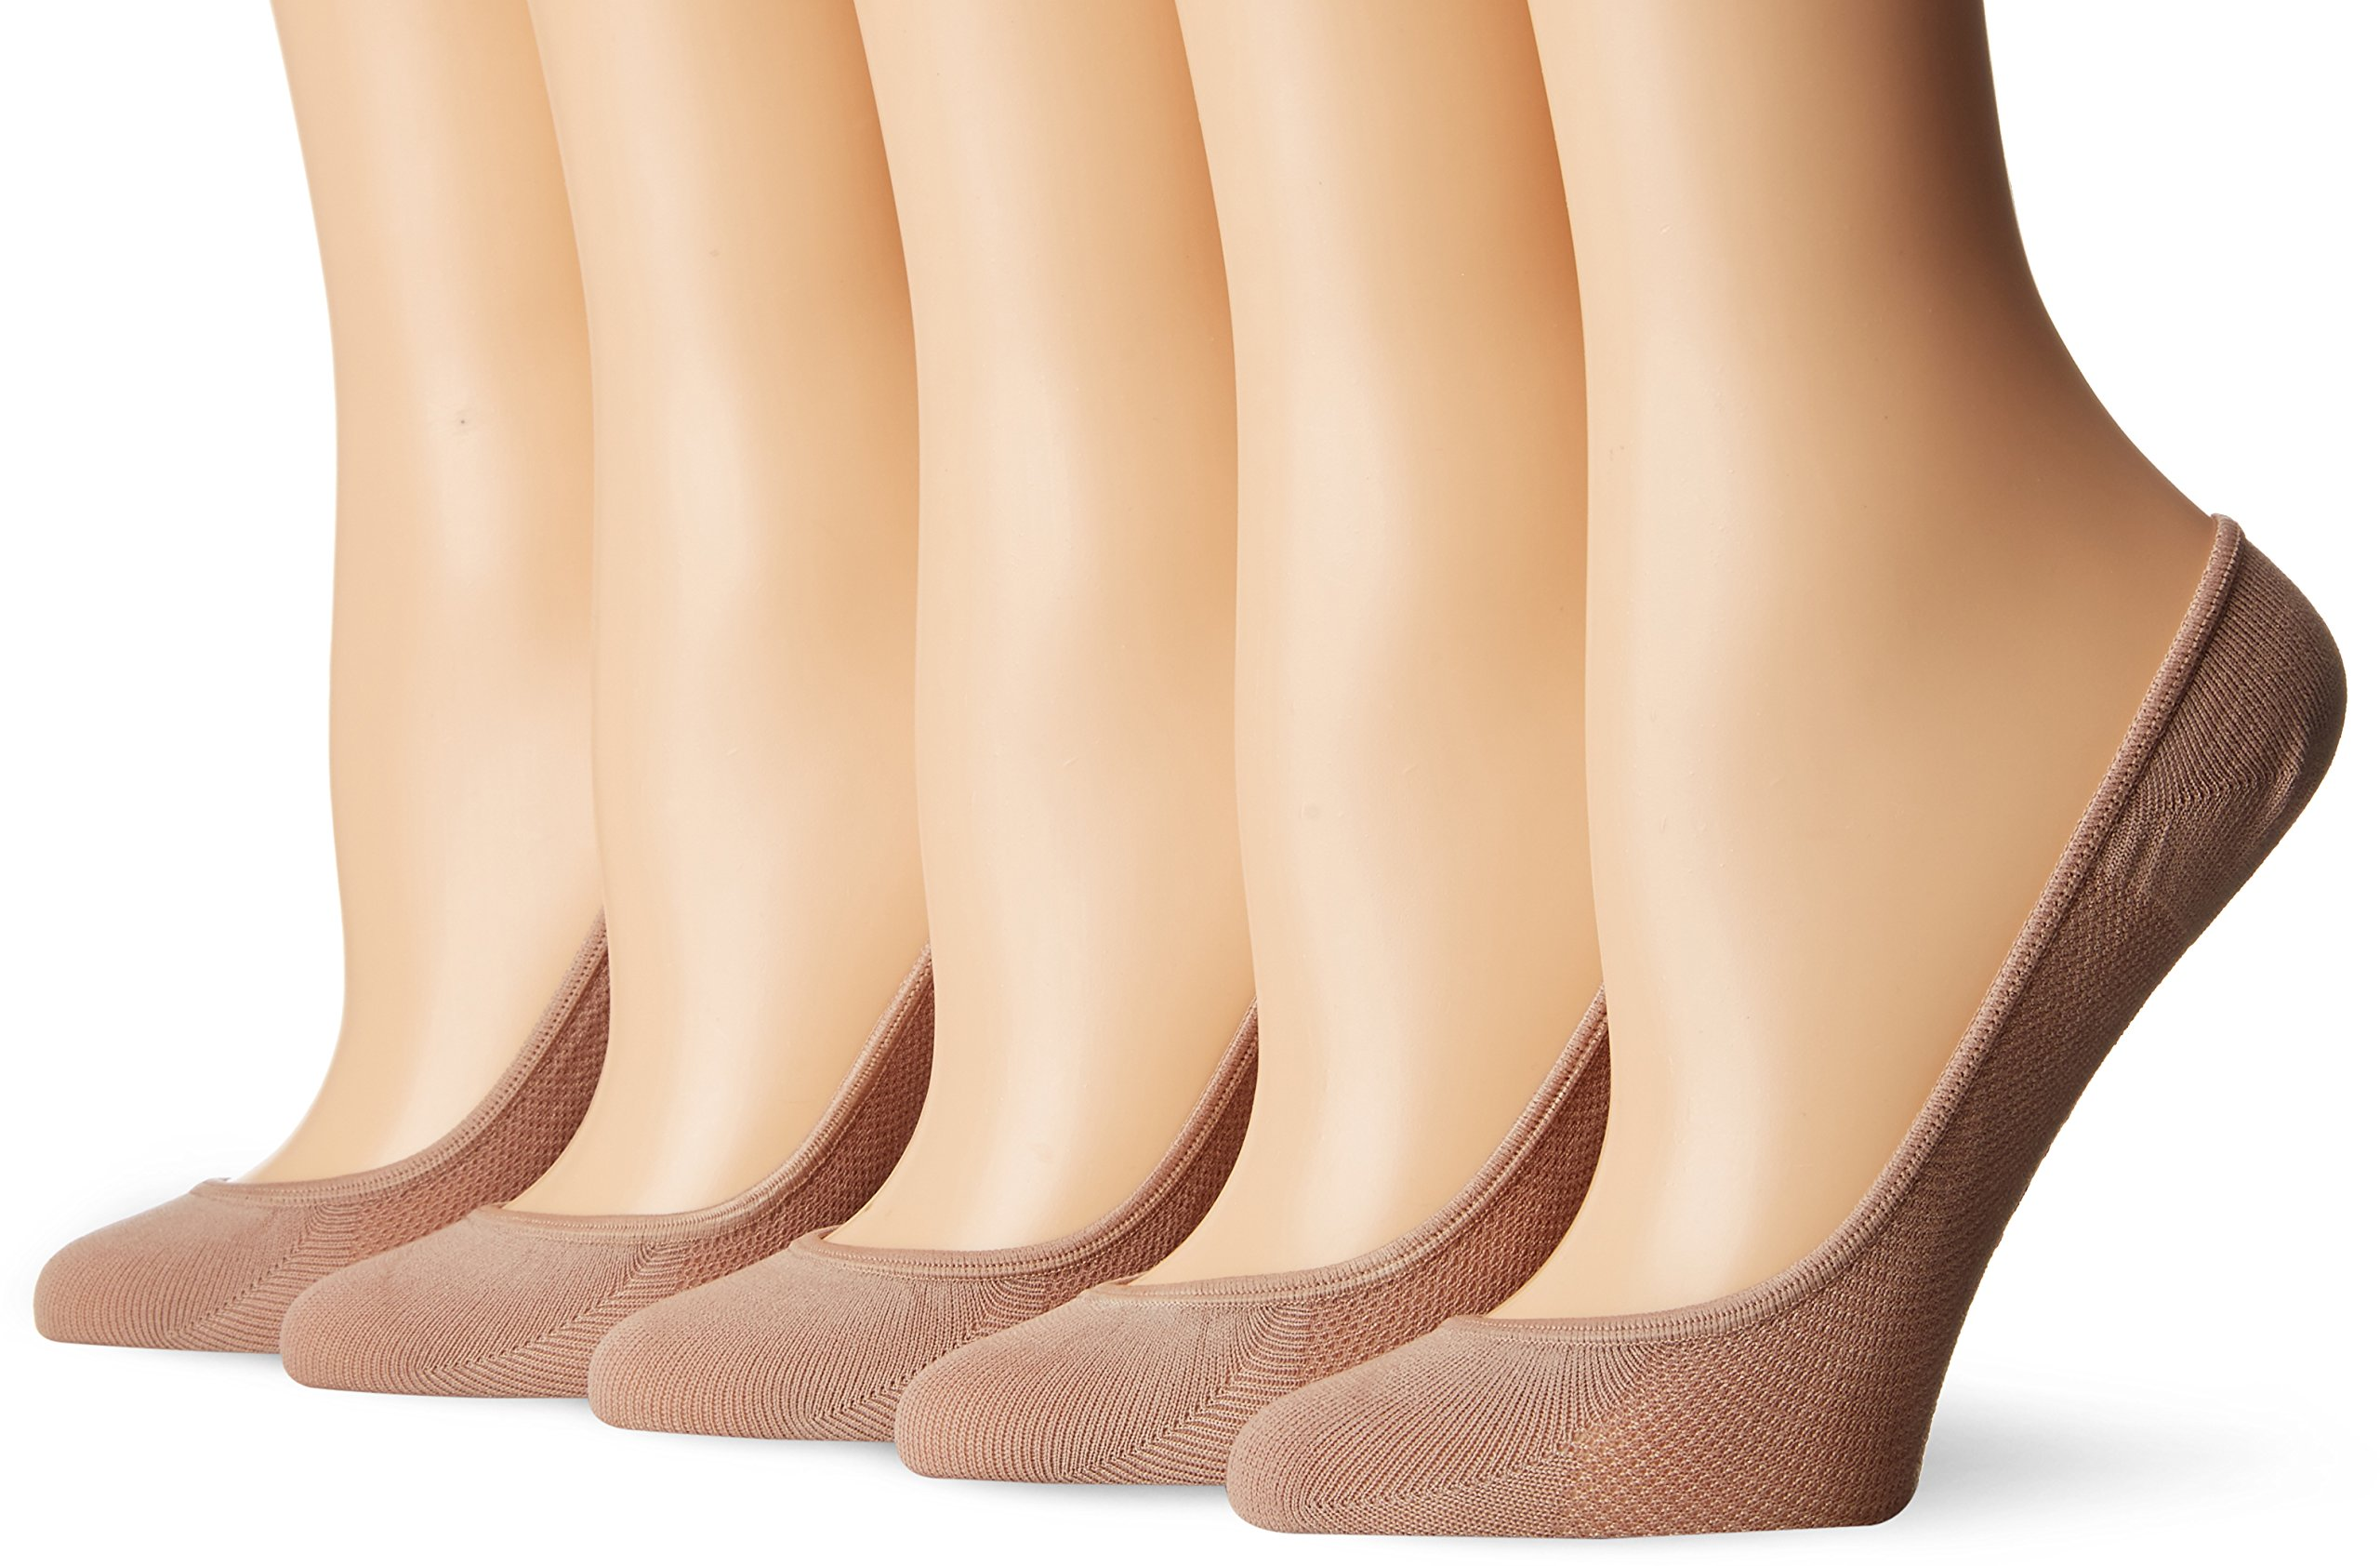 Steve Madden Legwear Women's Mesh Footie Sock 5 Pack, Nude, 9-11